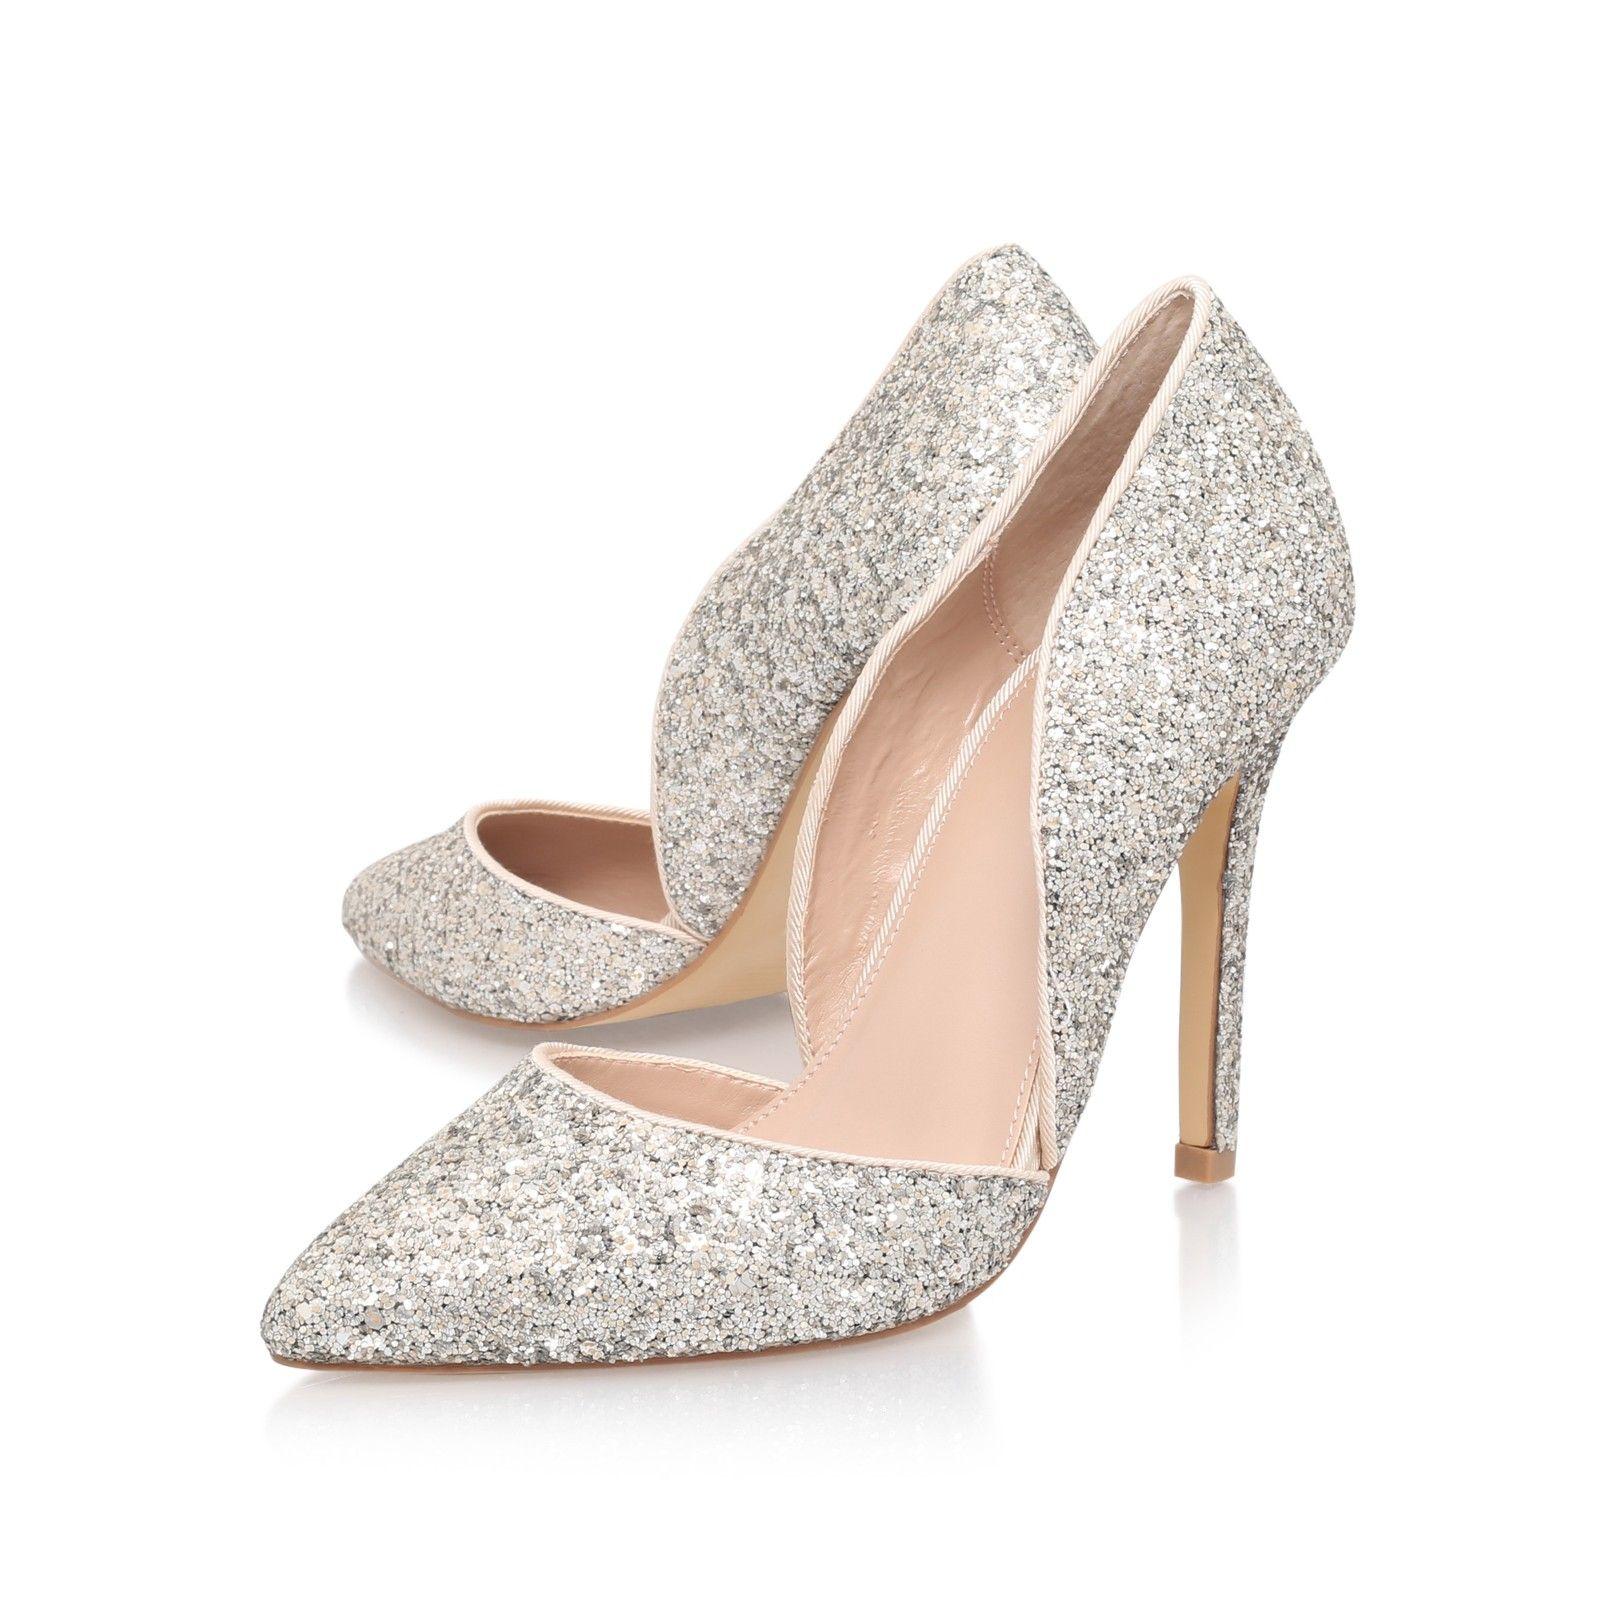 cf2c4241529 lexi silver high heel court shoes from Carvela Kurt Geiger | Shoe ...